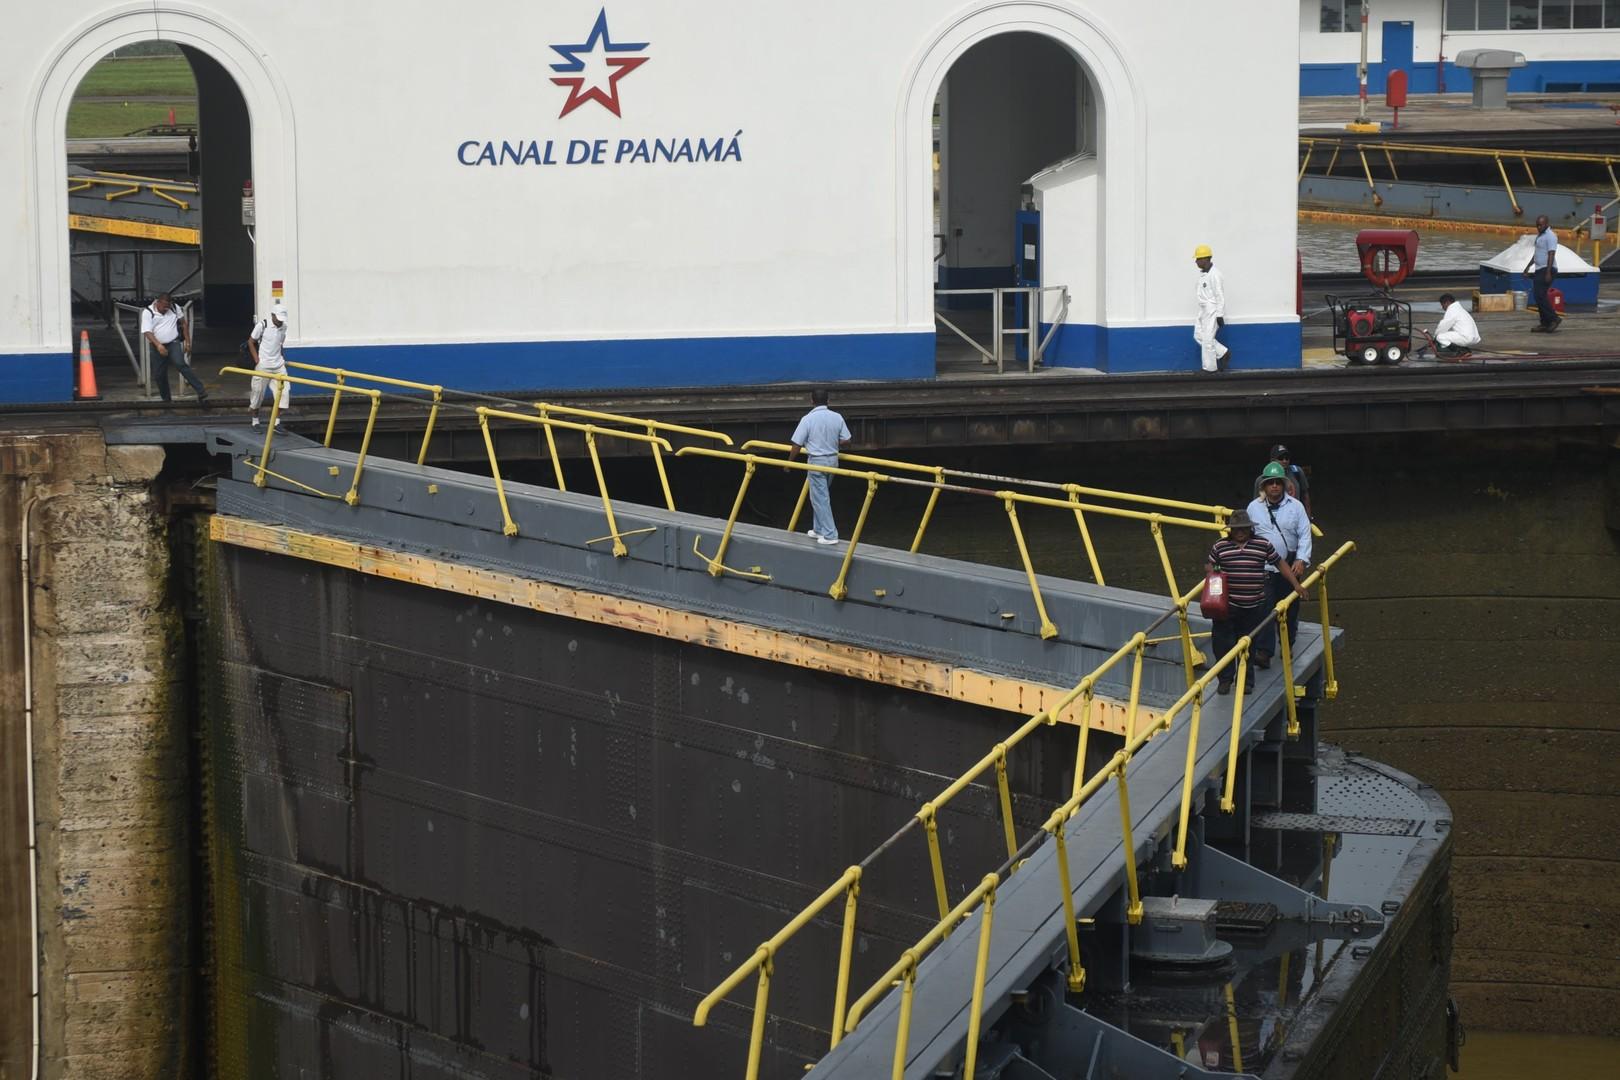 Панамский канал 2.0: шире, глубже, мощнее